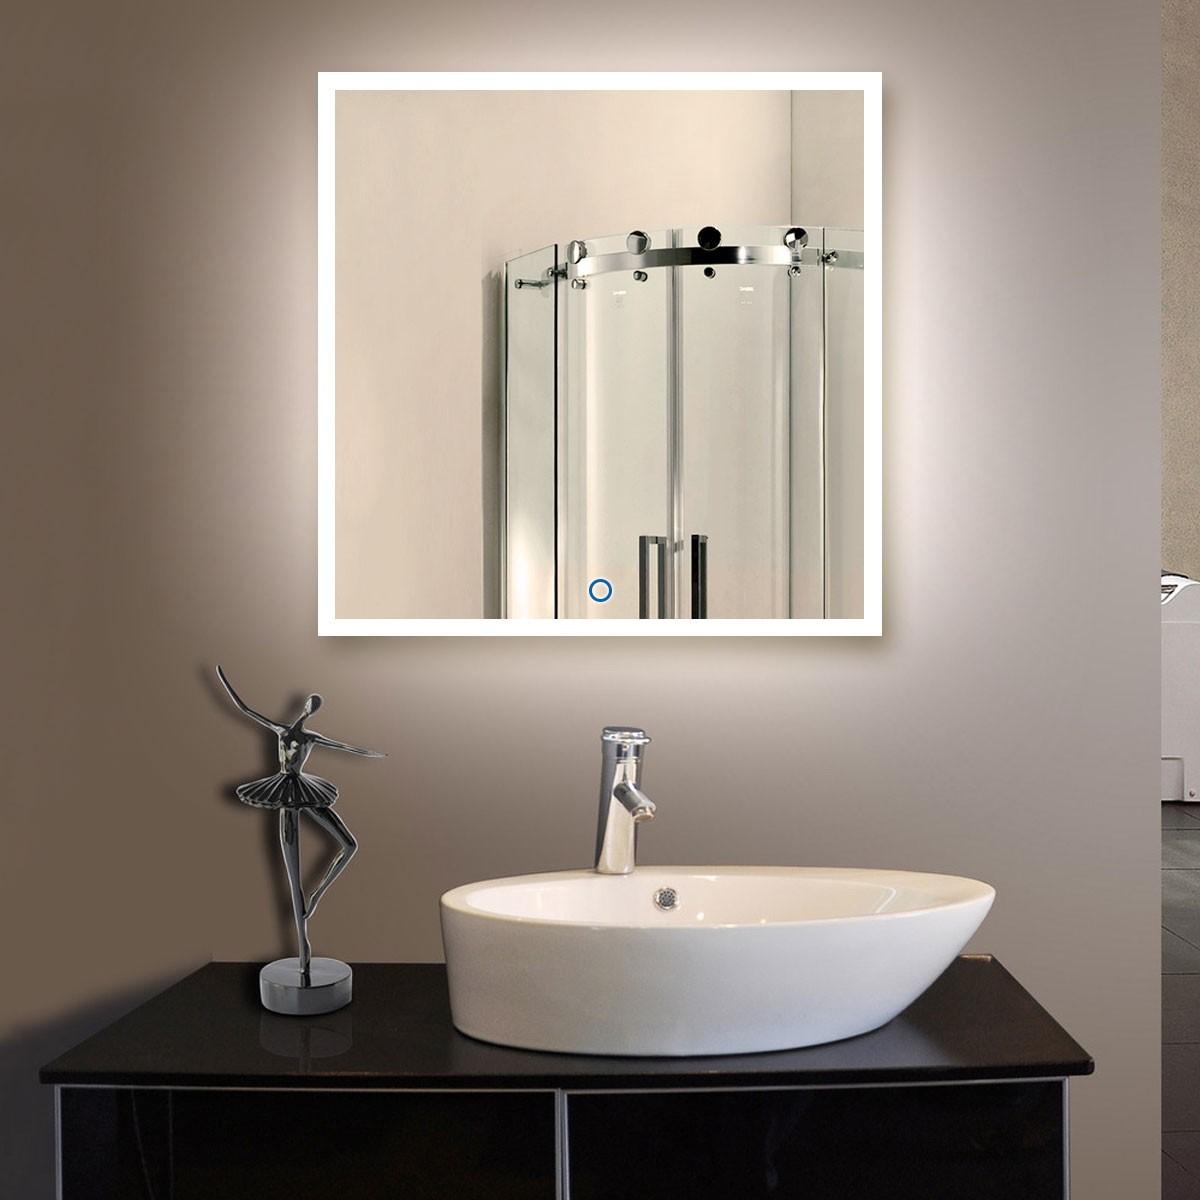 36 x 36 po miroir led salle de bain vertical avec l for Miroir salle de bain avec led